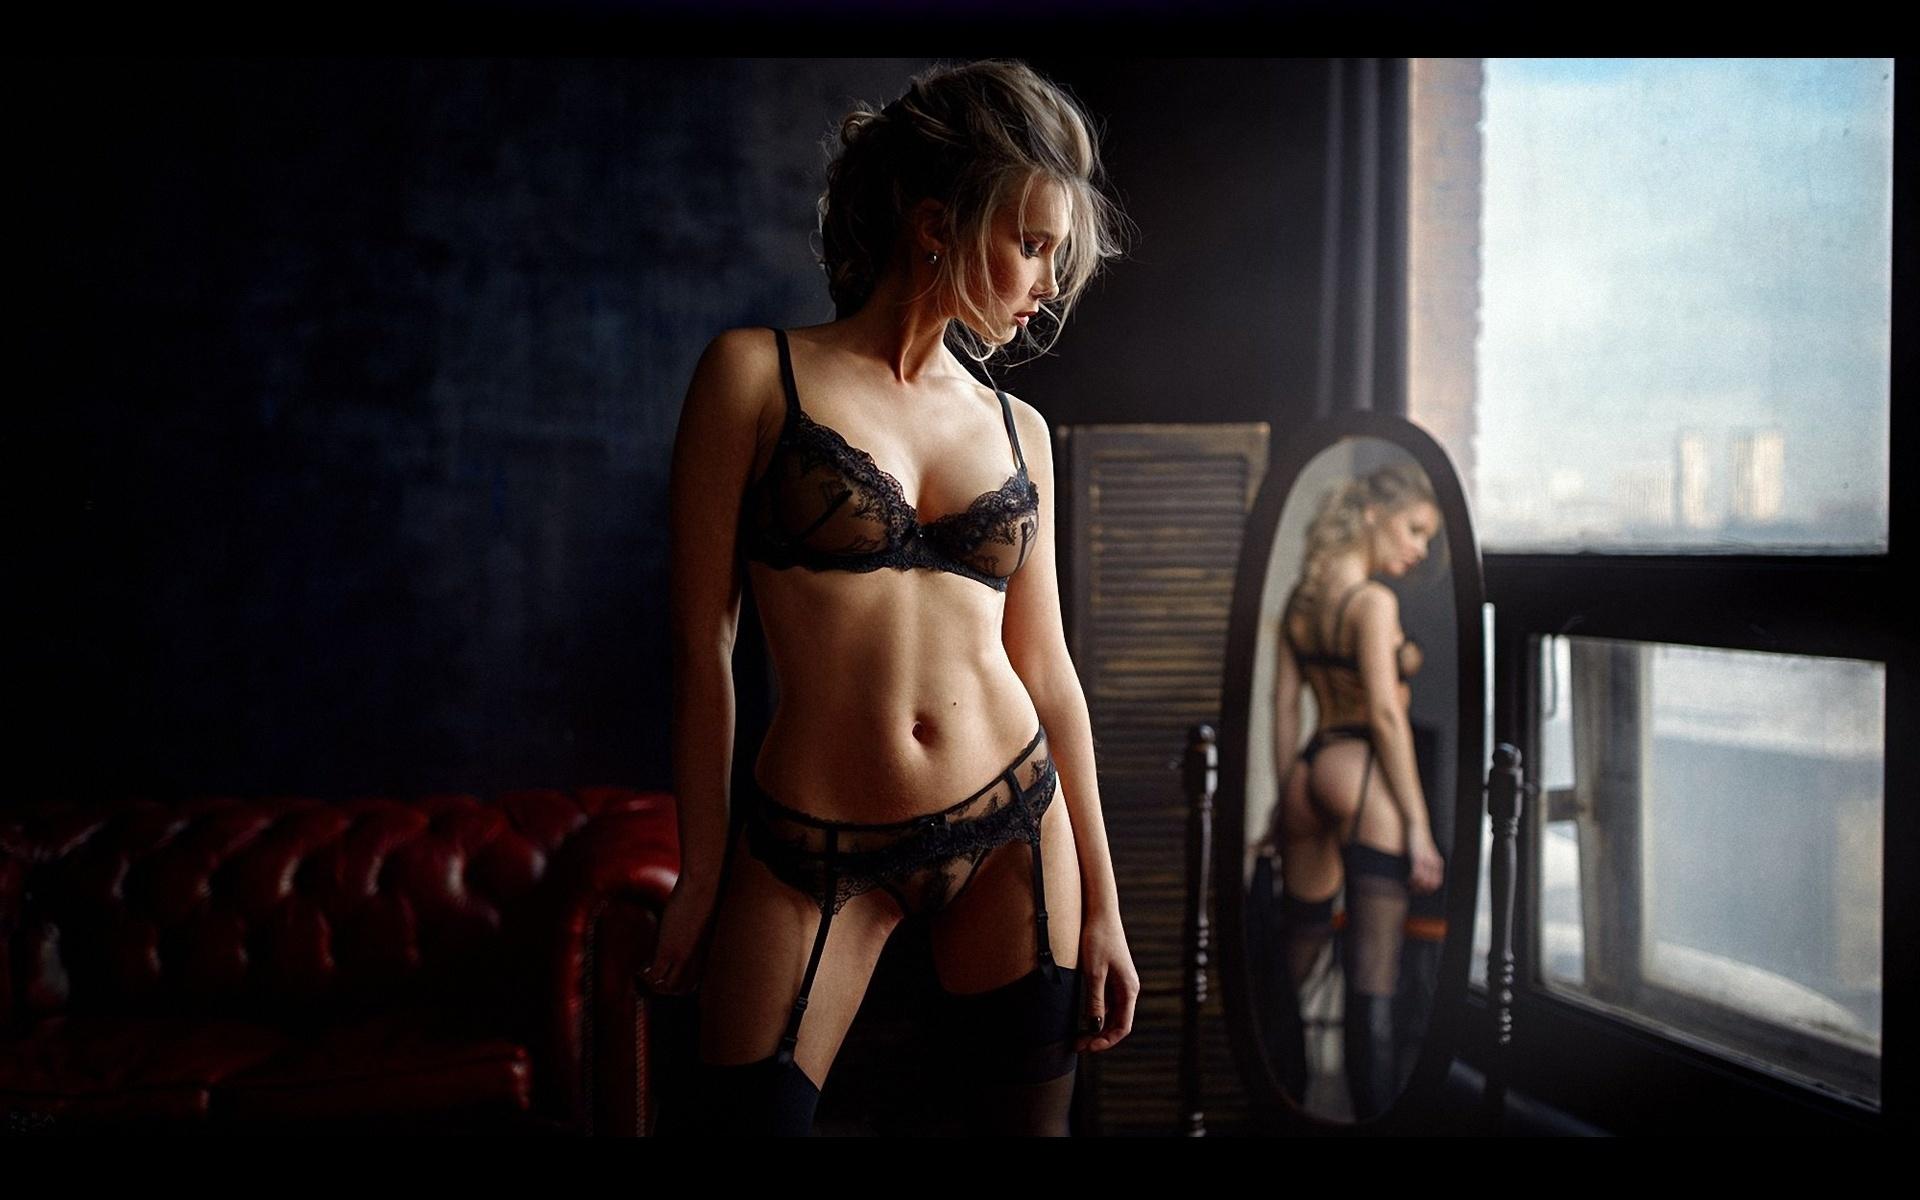 Фото Голых Девушек В Комнате